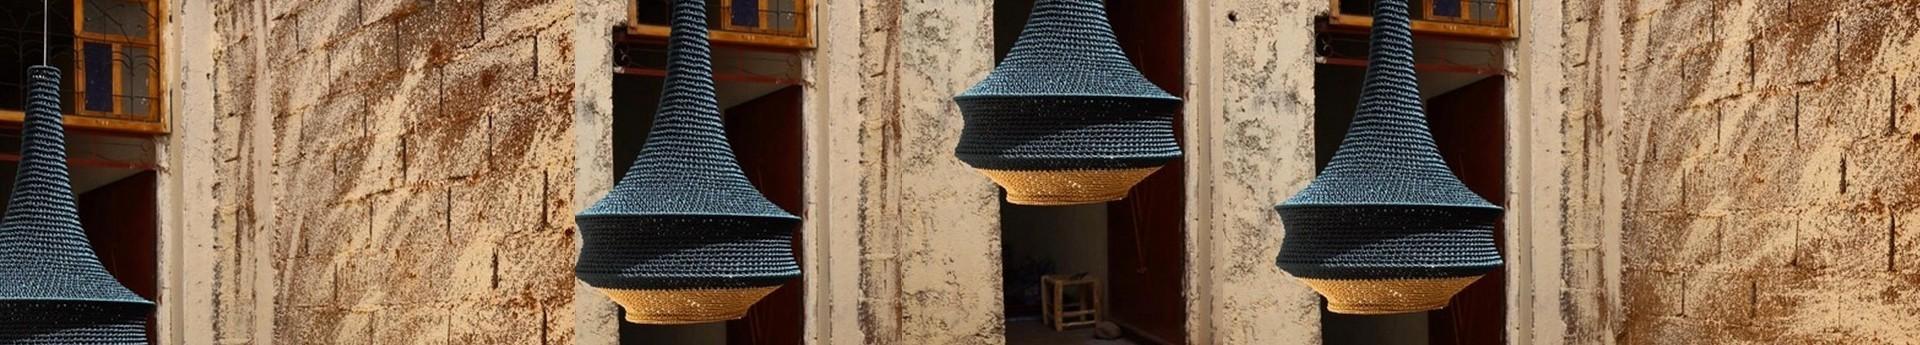 Collection uniques de lampes, suspensions,  réalisées par des artisans